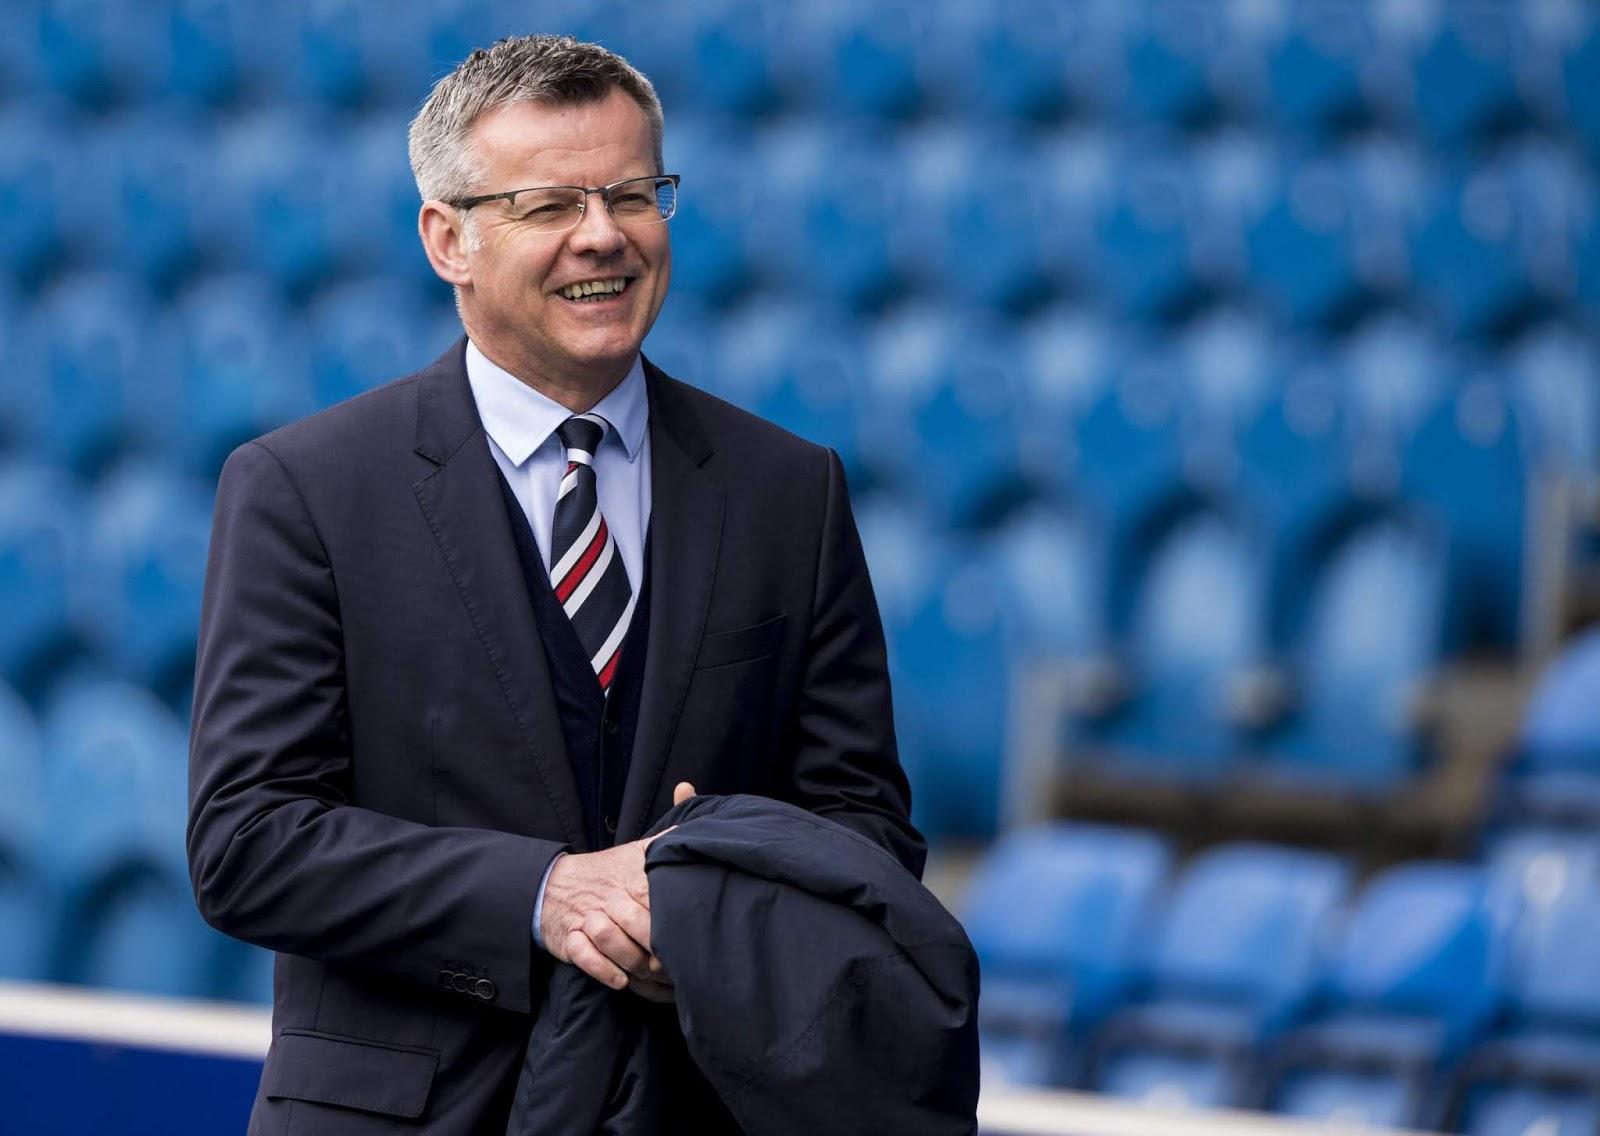 Rangers v SPFL – major blackmail allegation surfaces